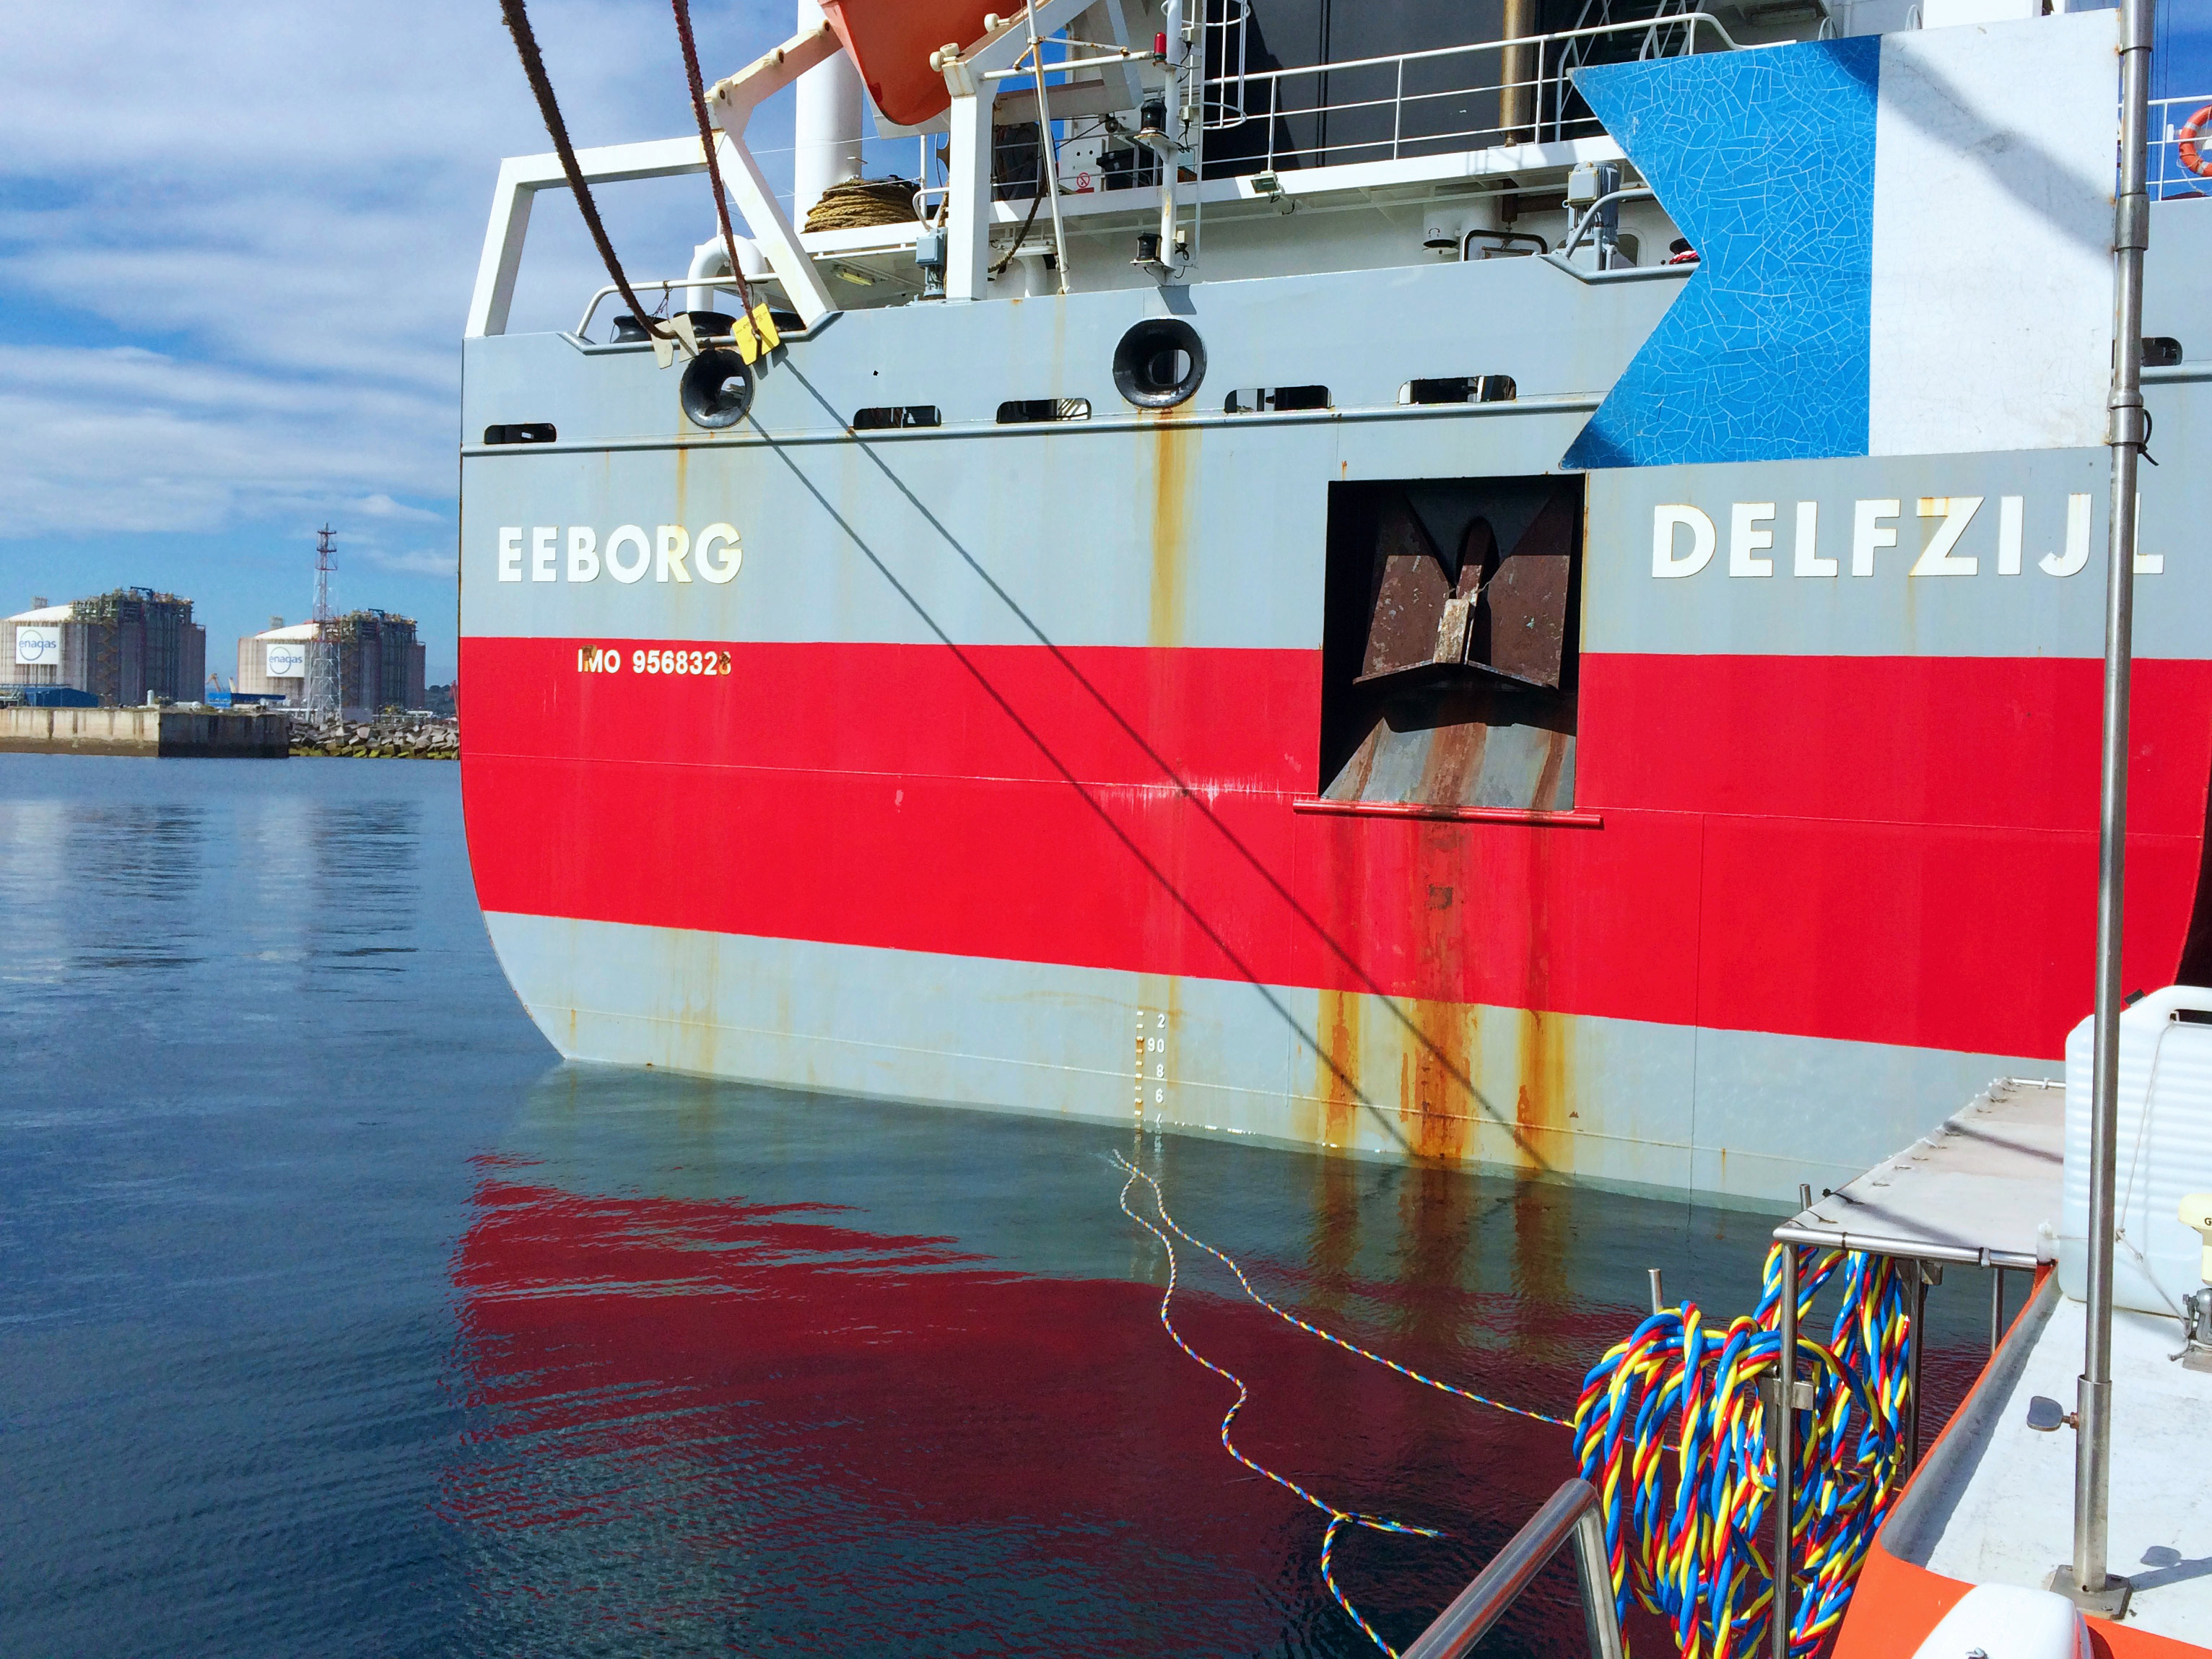 Inspección de fouling de buque para investigación científica